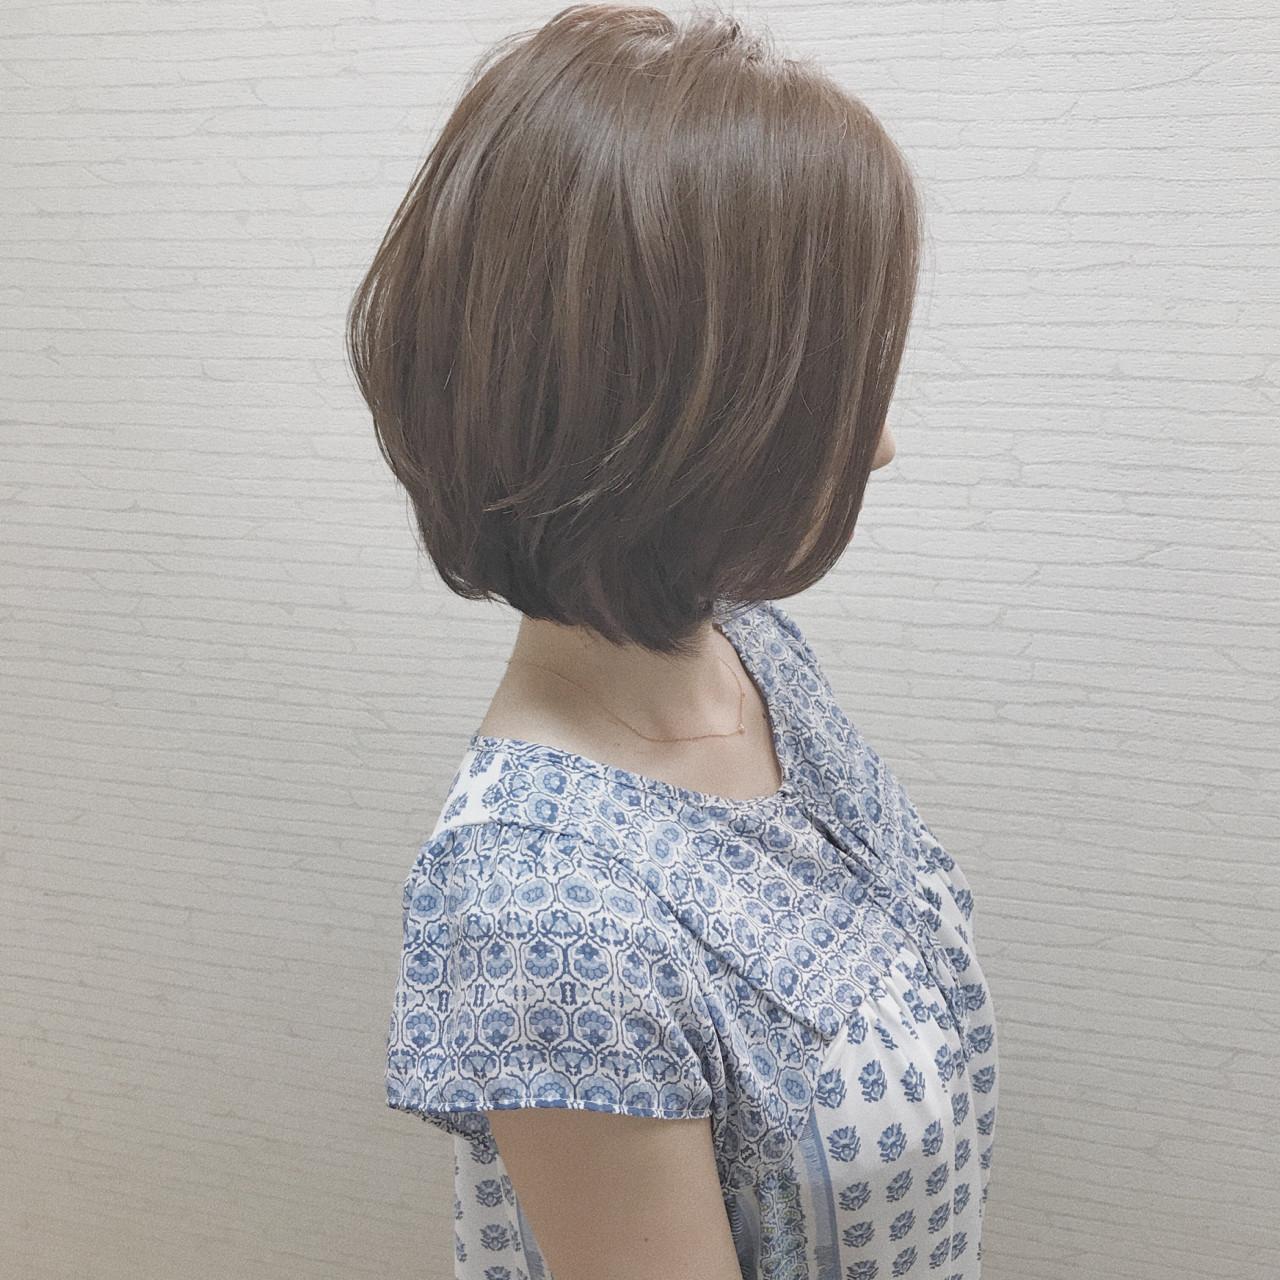 小顔 色気 ショートボブ ボブ ヘアスタイルや髪型の写真・画像